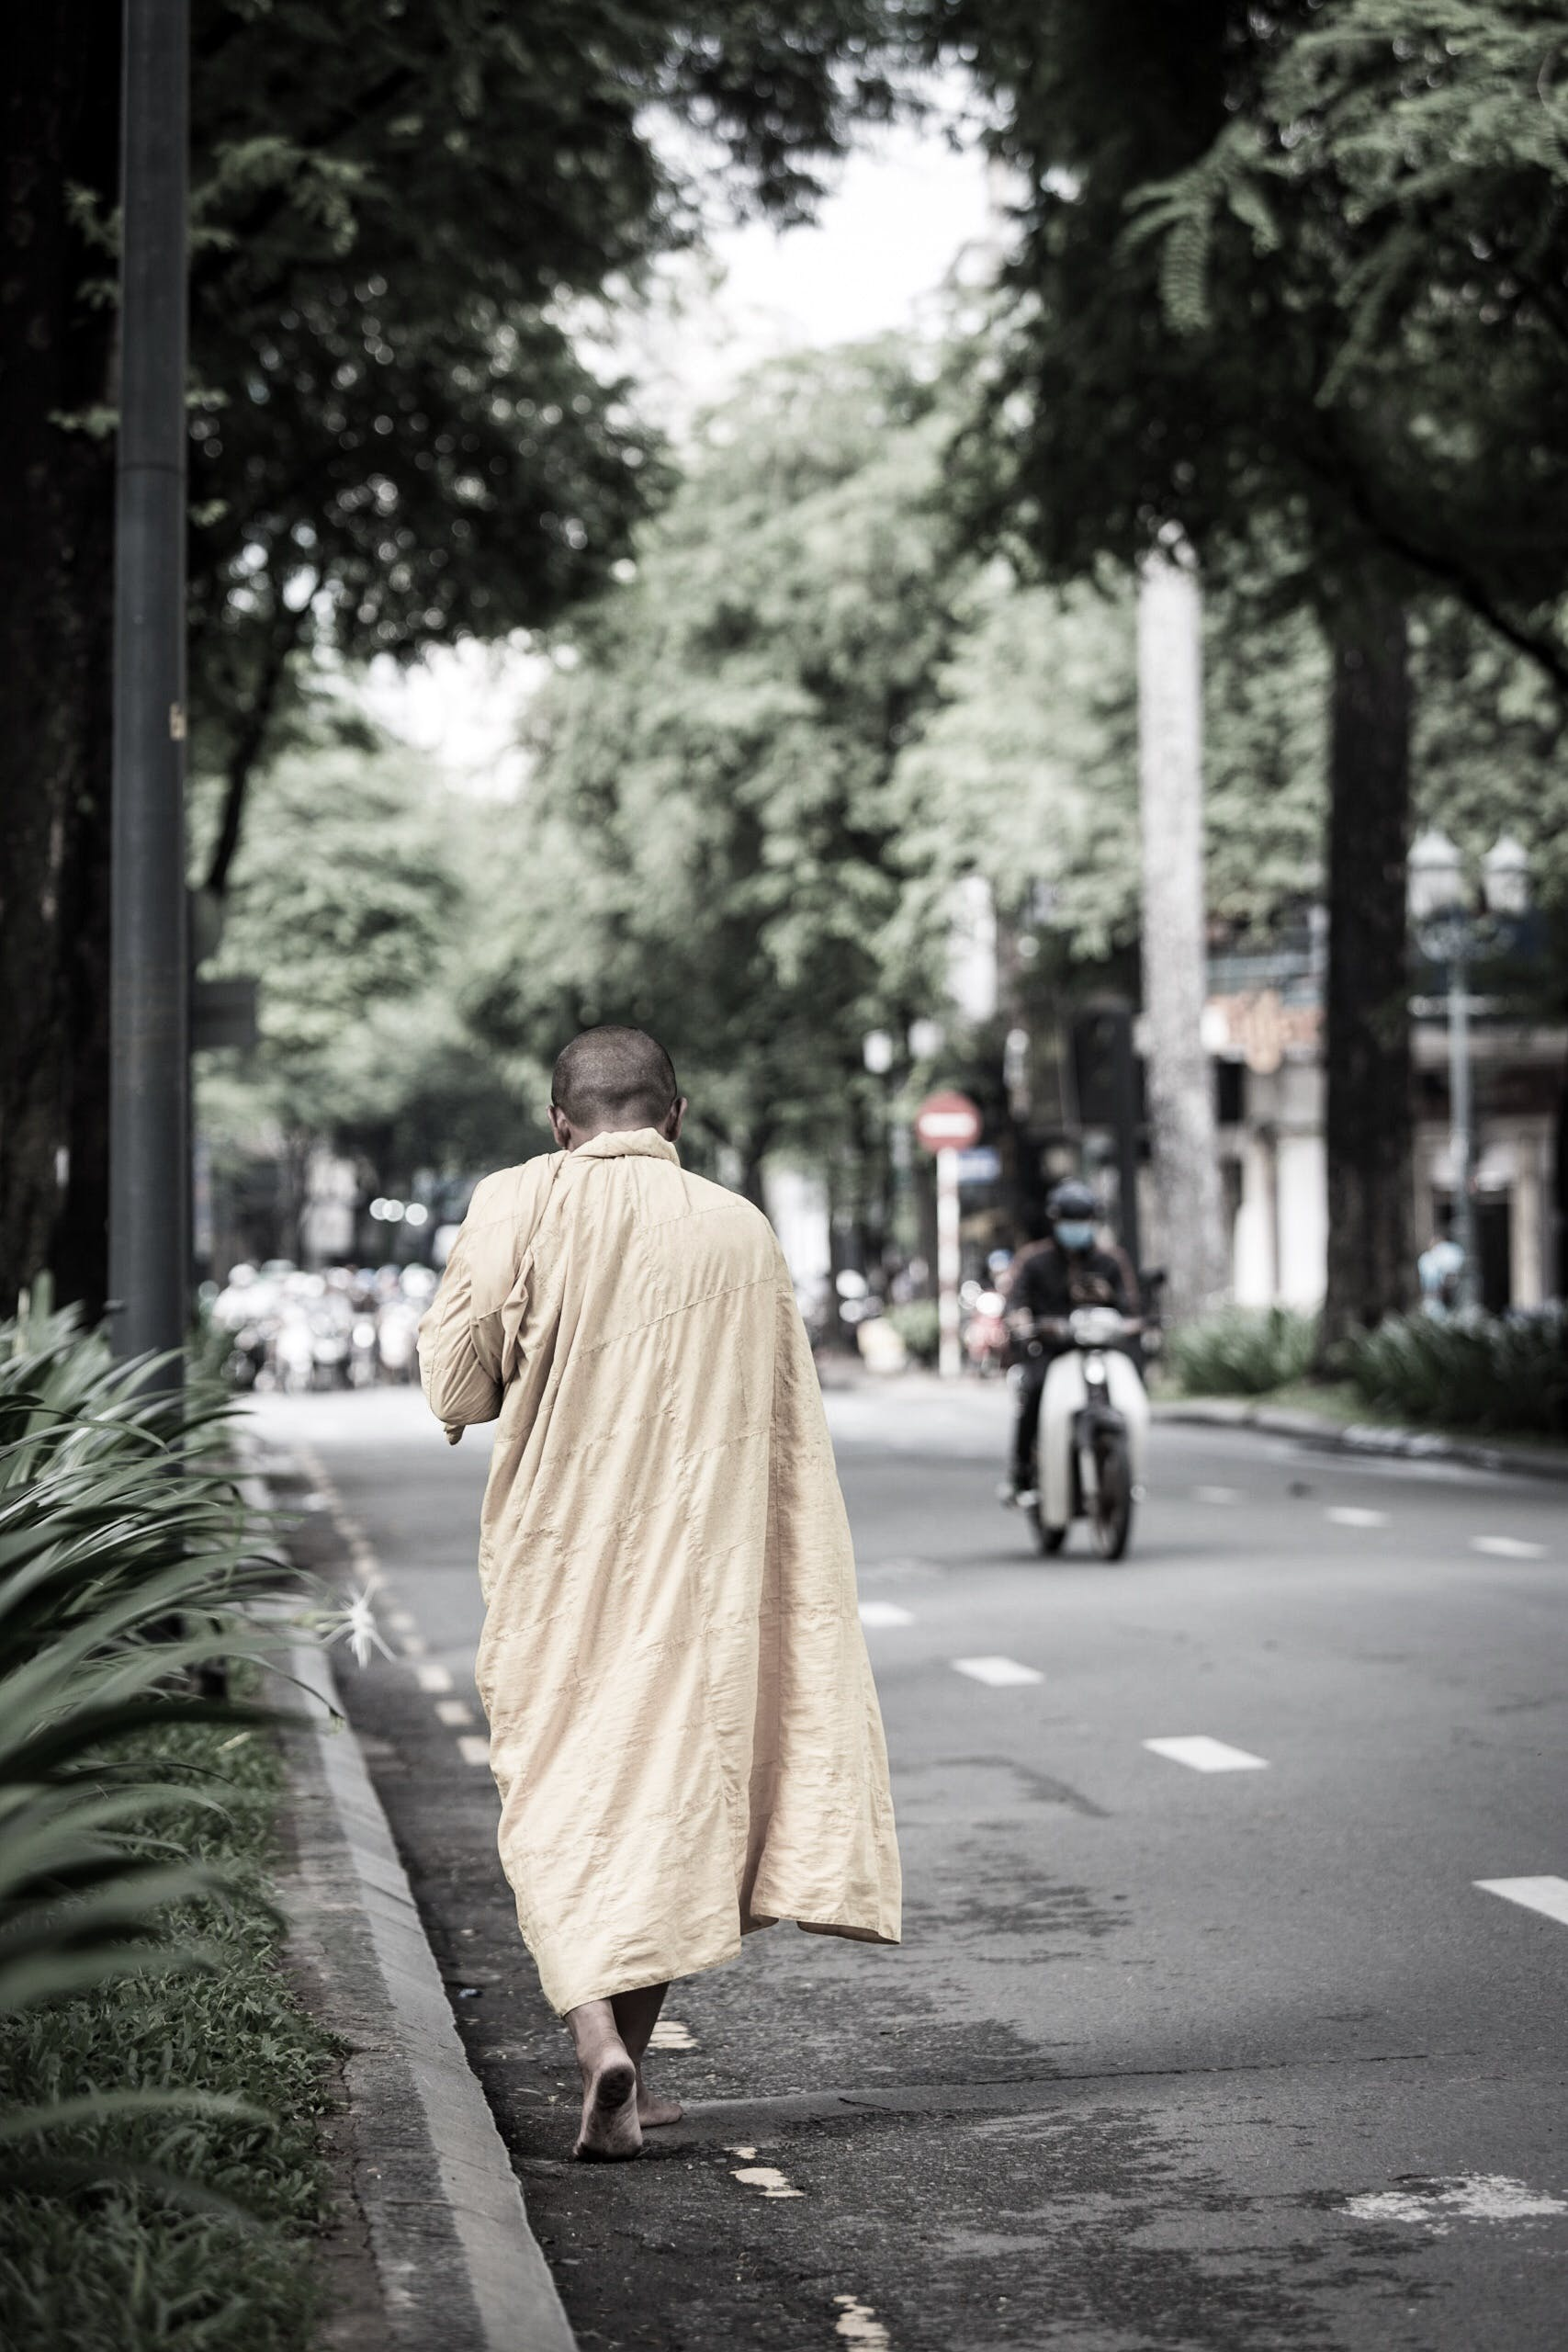 Monk Walking on Road Beside Fern Plants